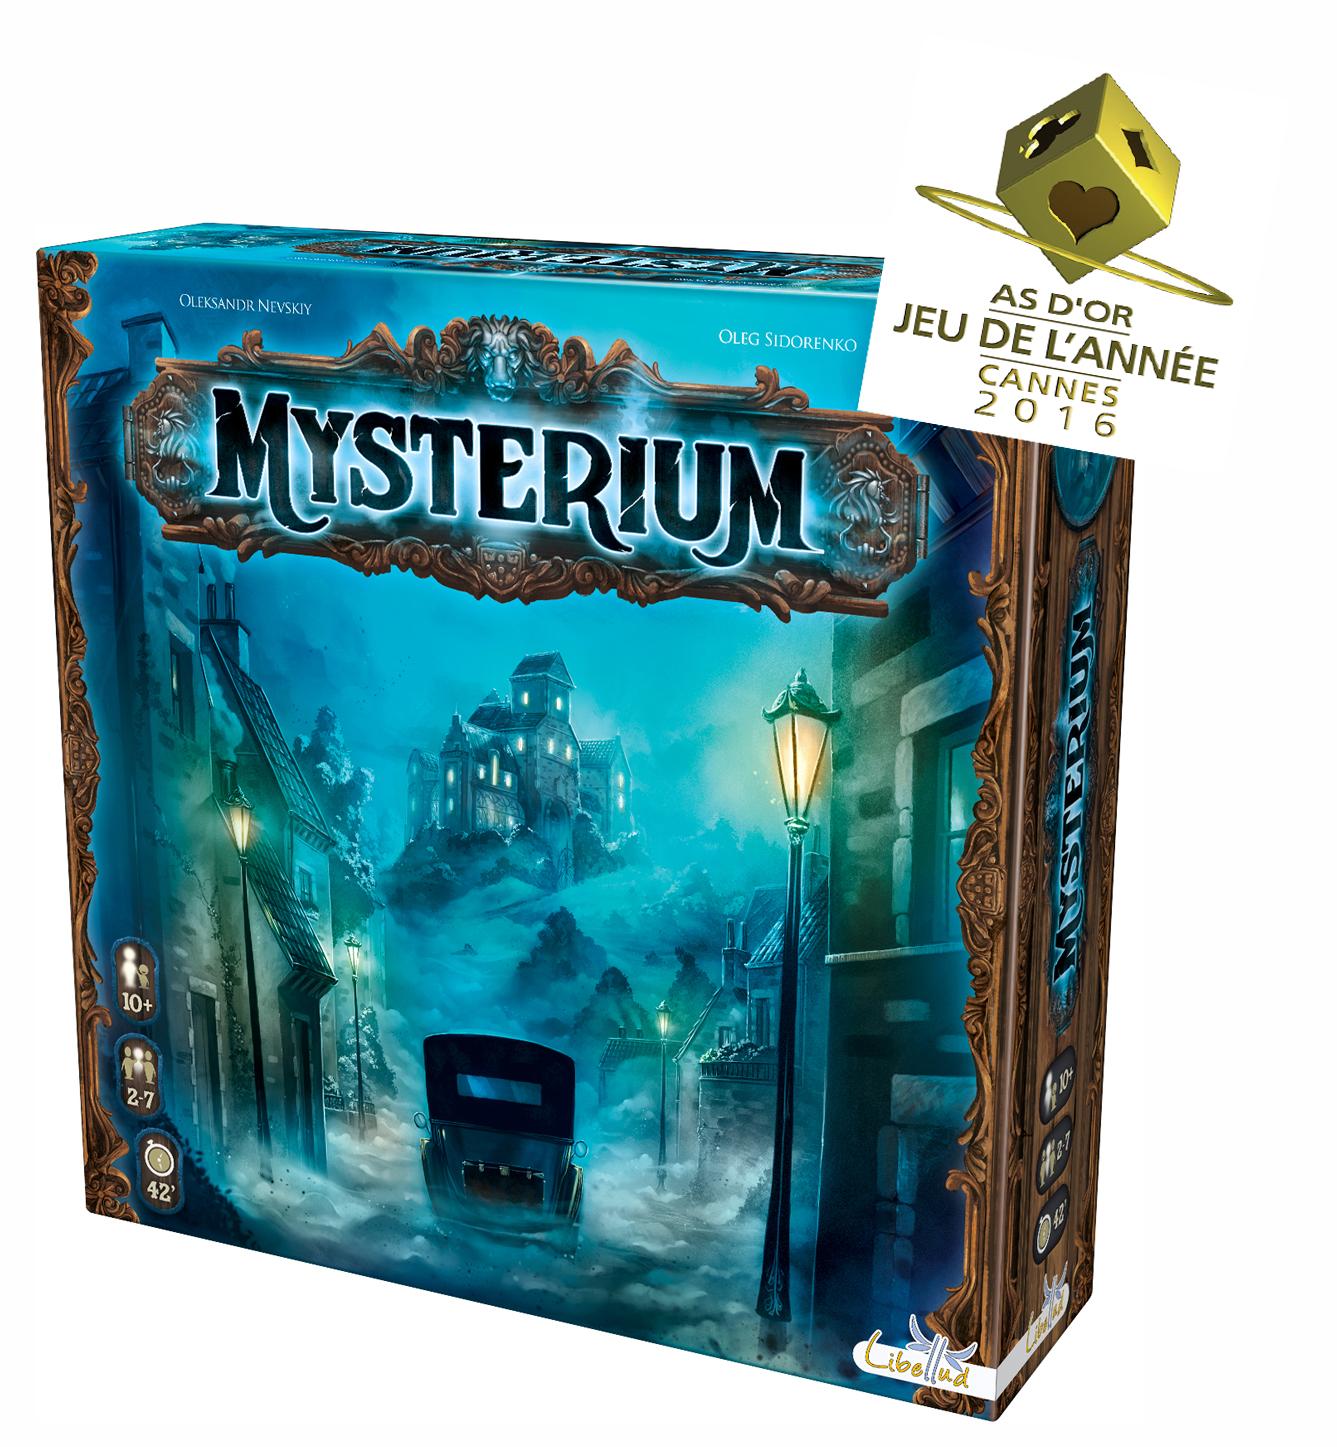 Mysterium - Prix As d'or jeu de l'année 2016